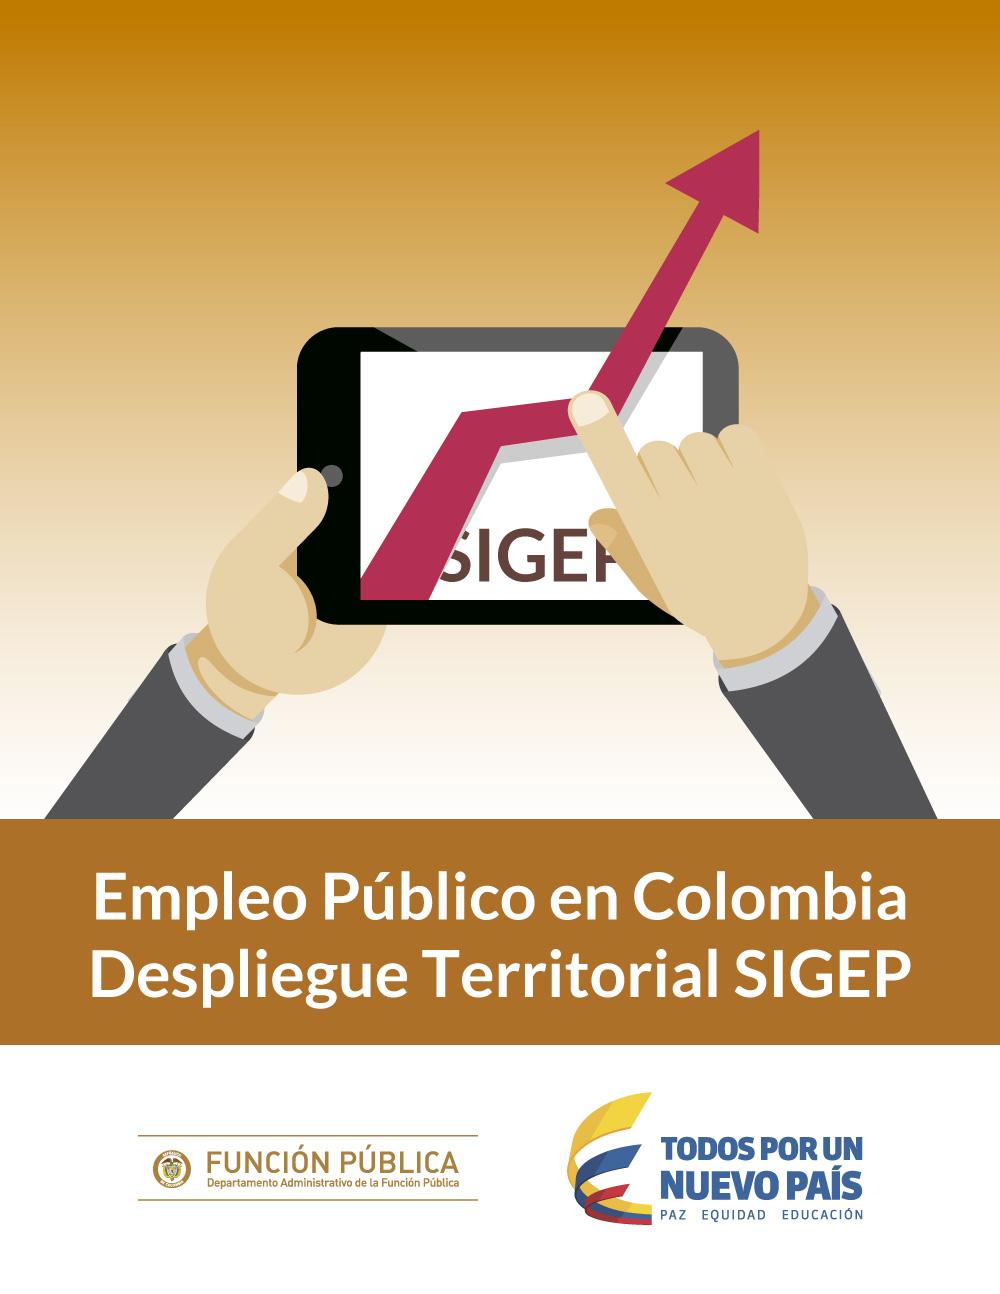 Empleo Público en Colombia - Despliegue Territorial SIGEP